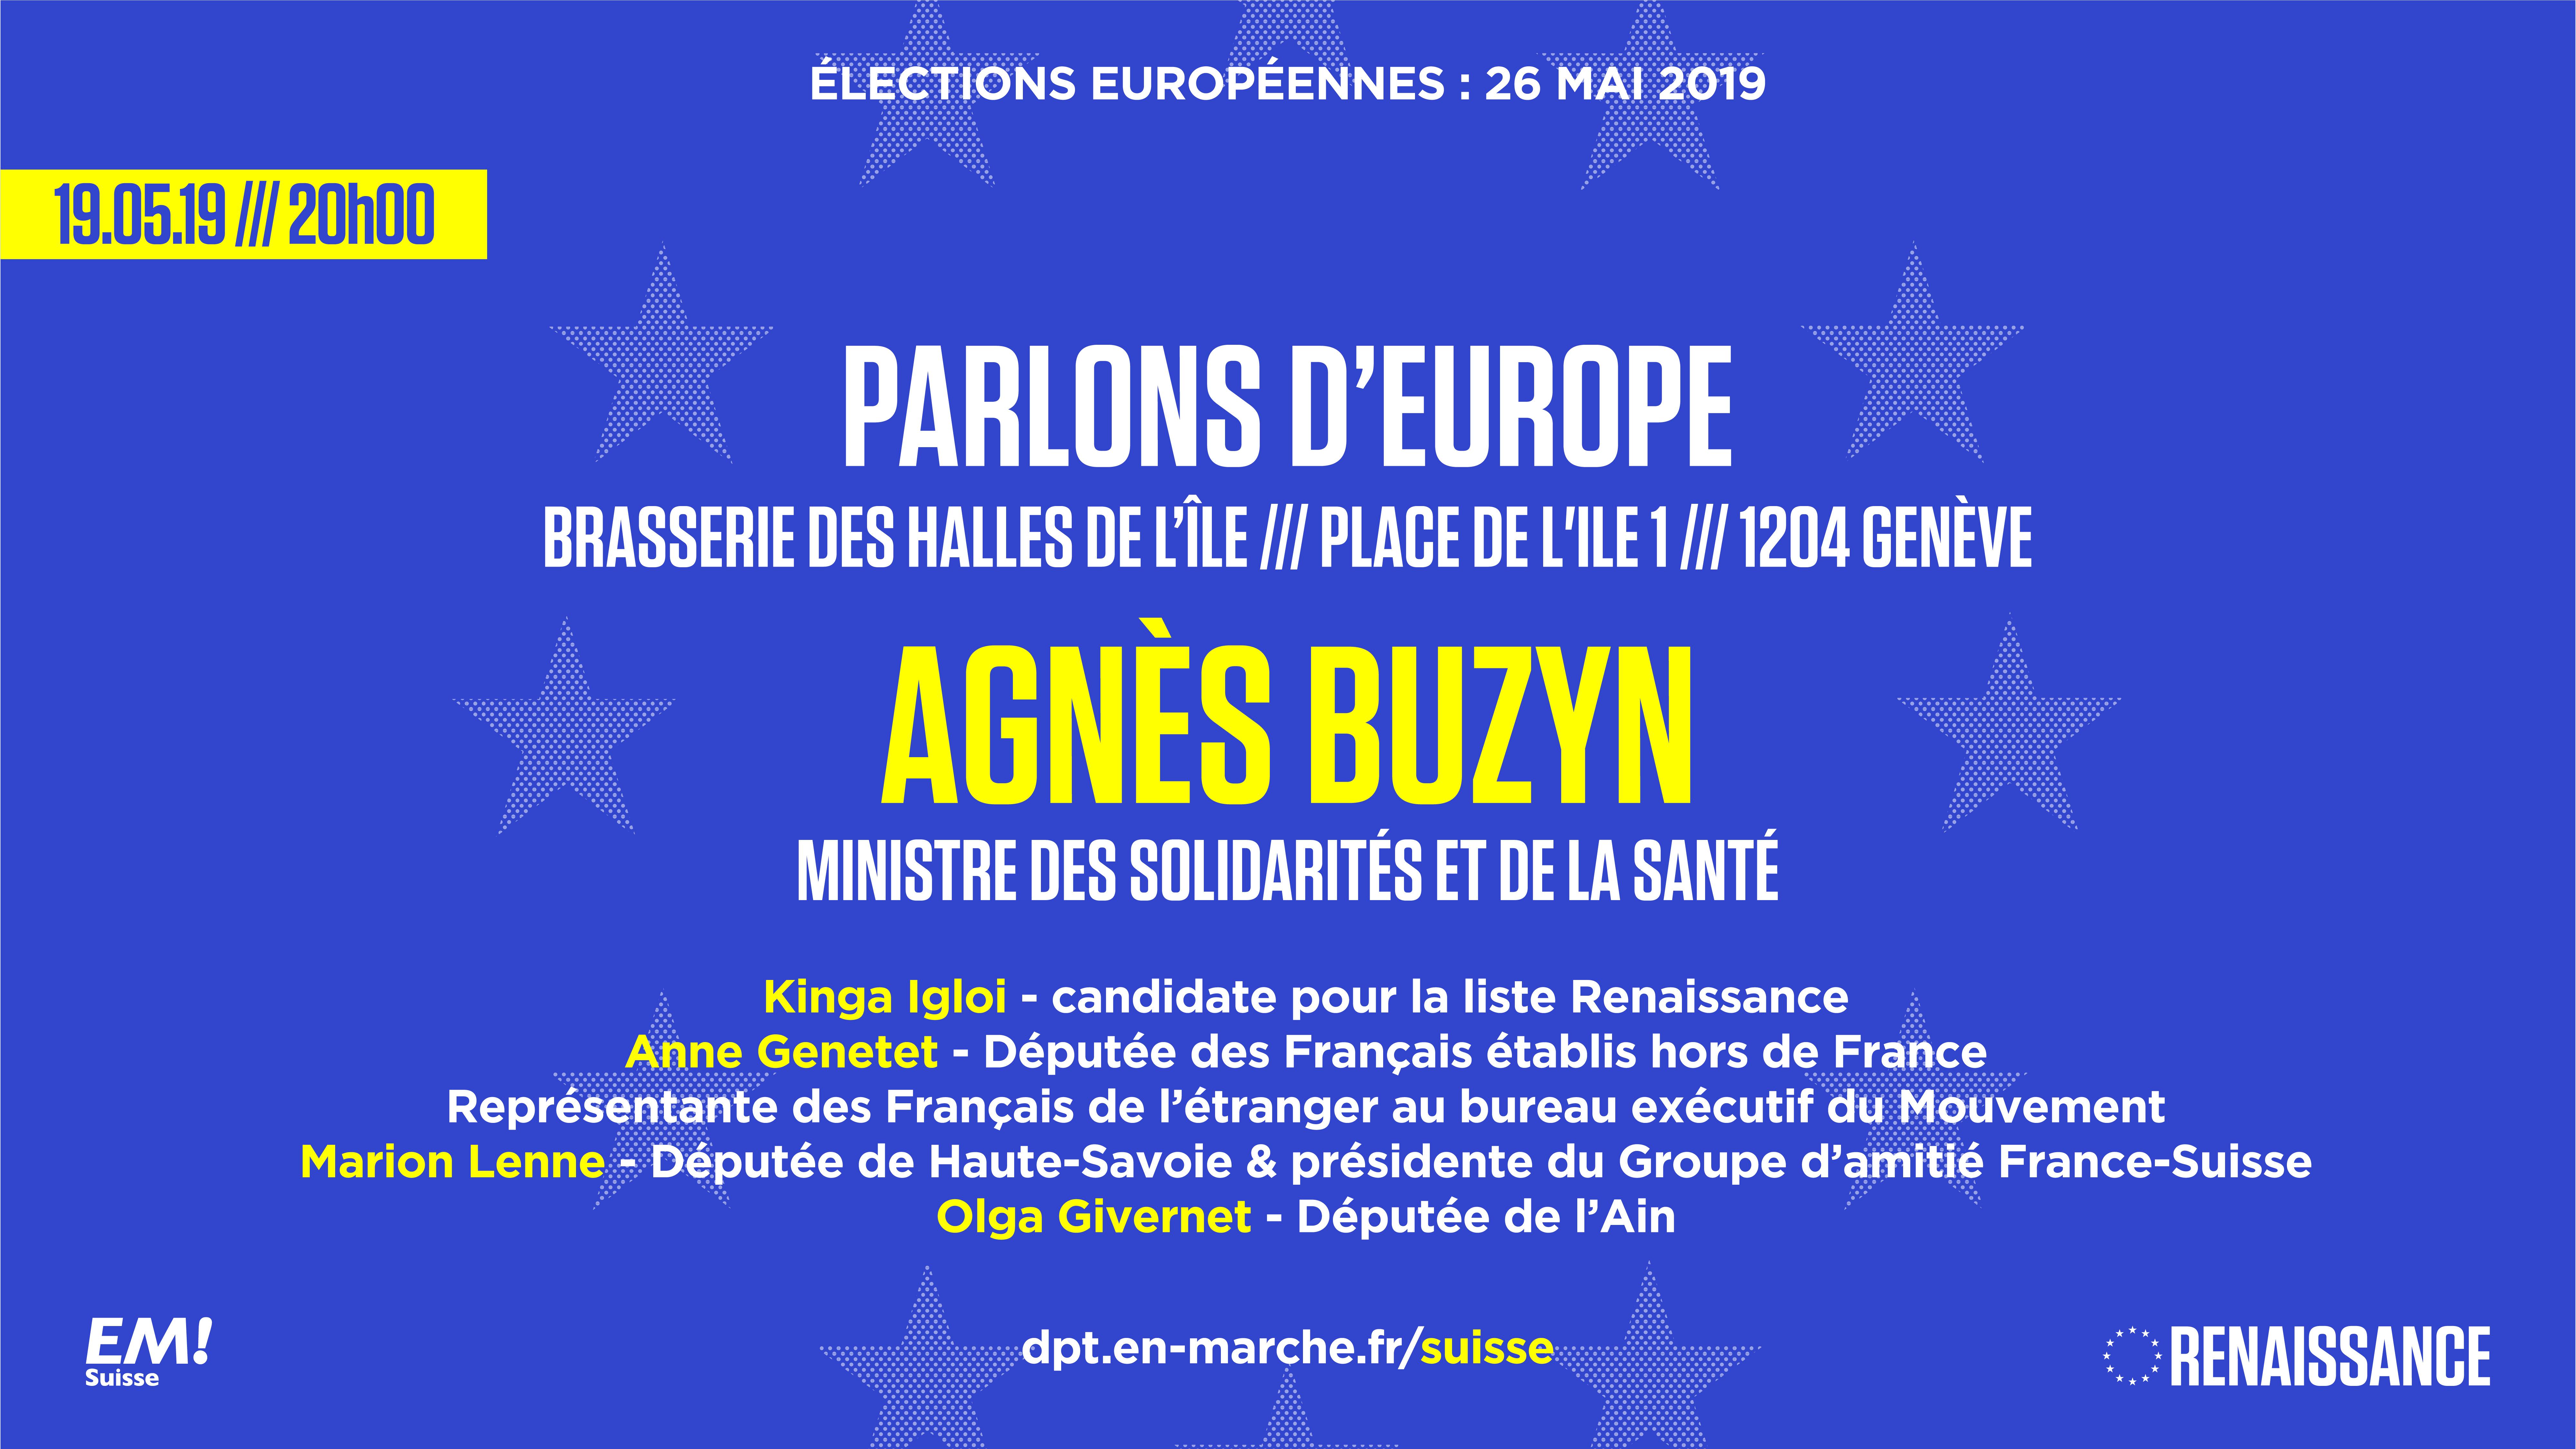 19.05.19 - Rencontre européenne avec Agnès Buzyn